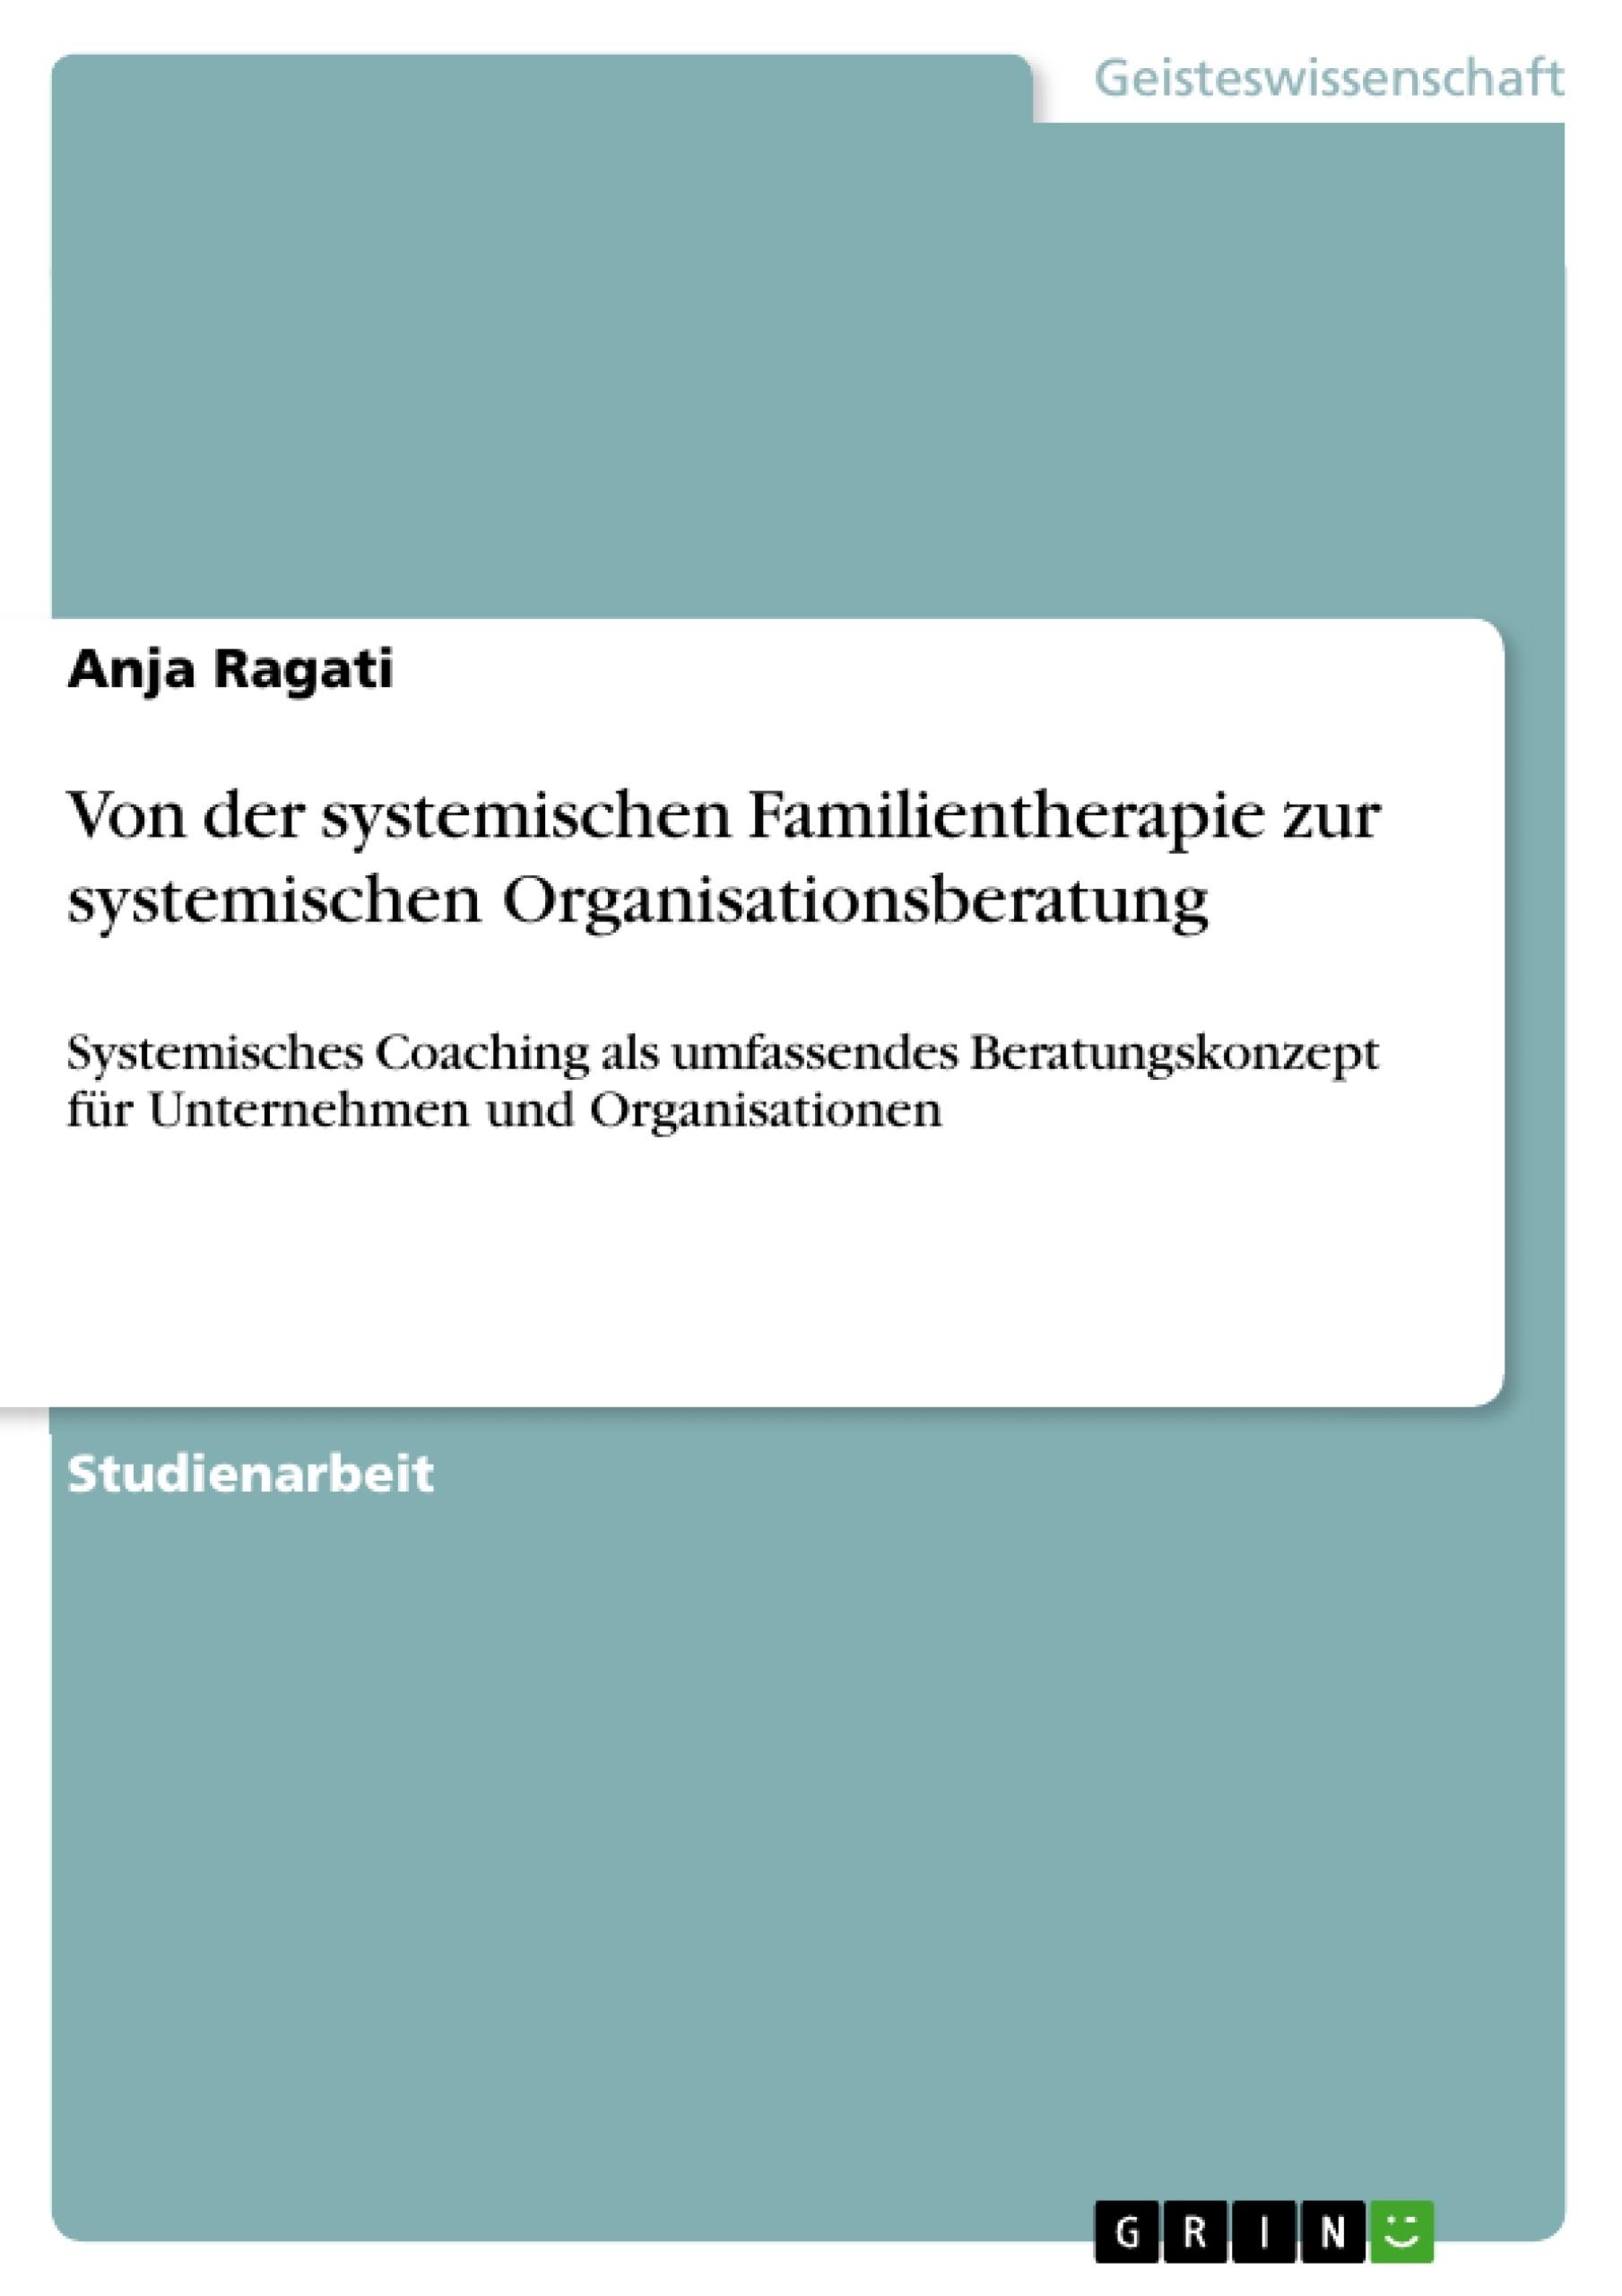 Titel: Von der systemischen Familientherapie zur systemischen Organisationsberatung